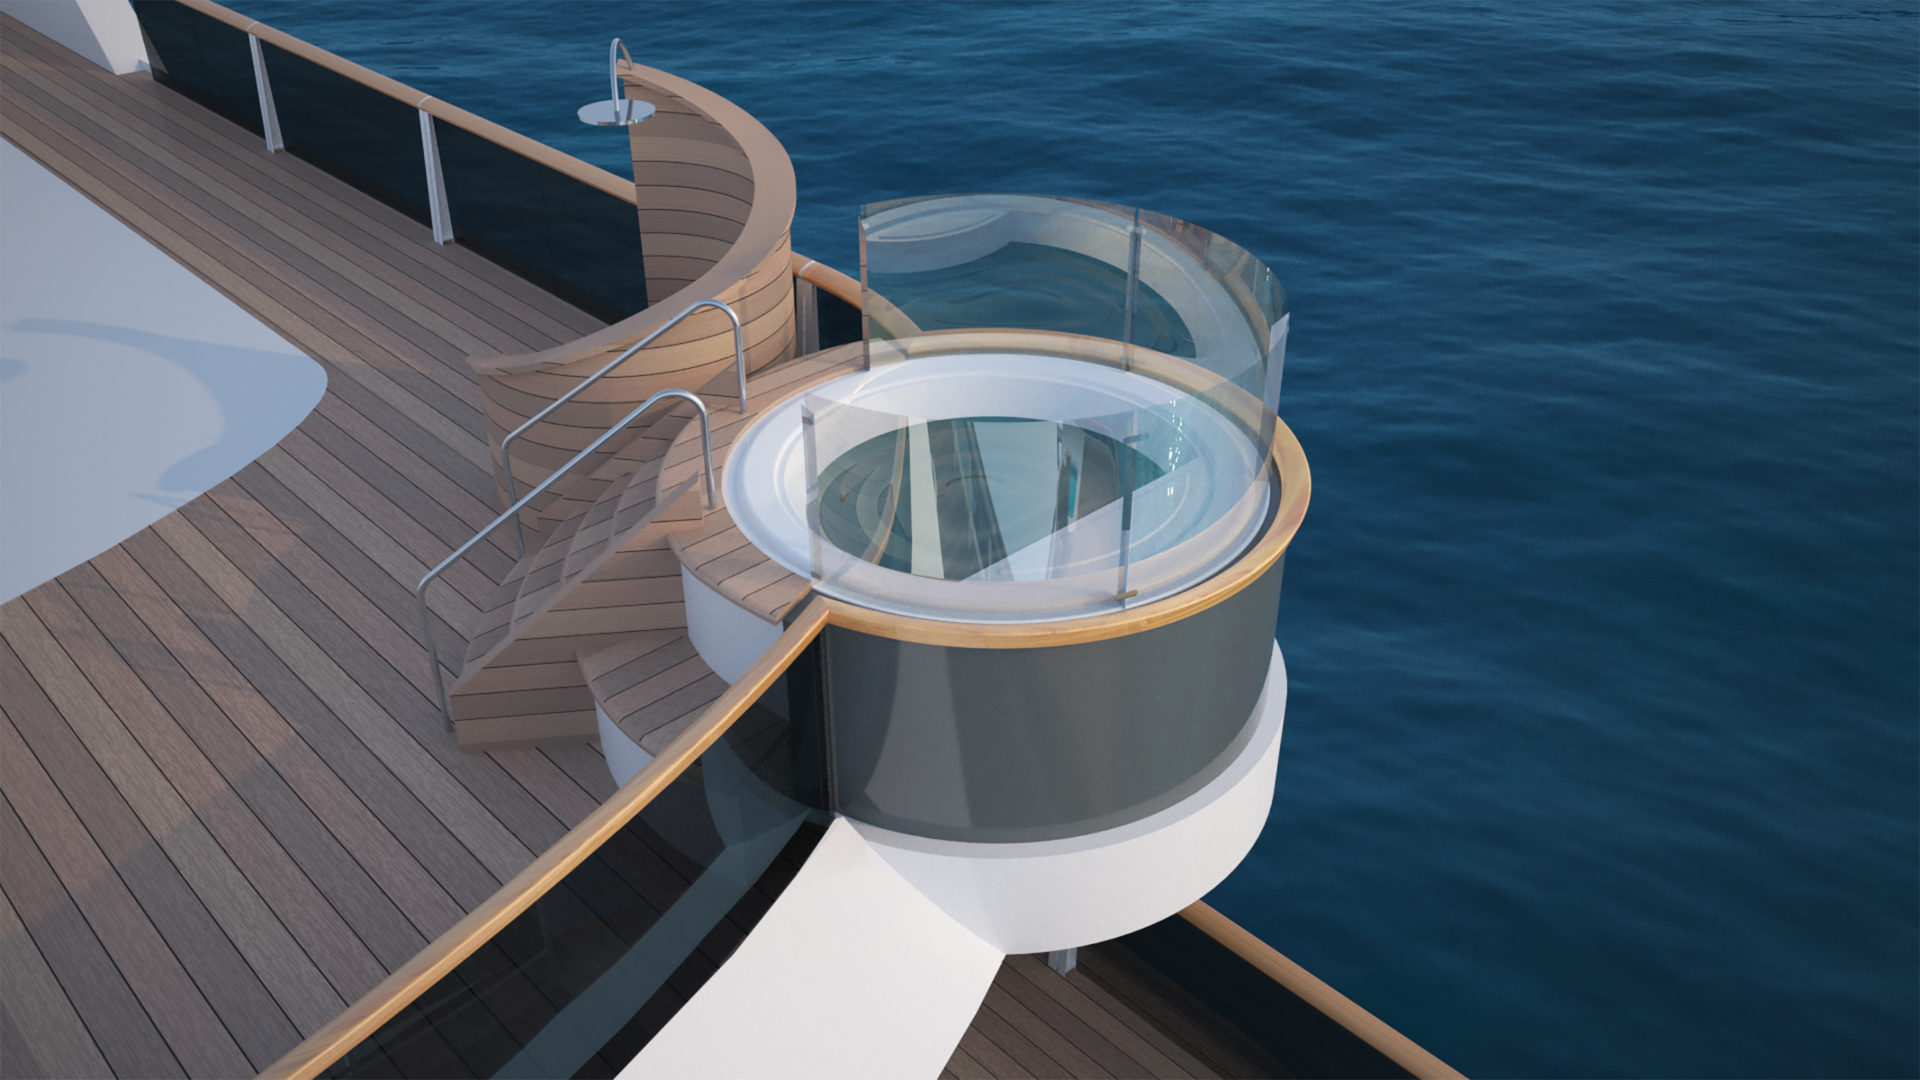 Handrail-Seabourn-jacuzziD_retouché